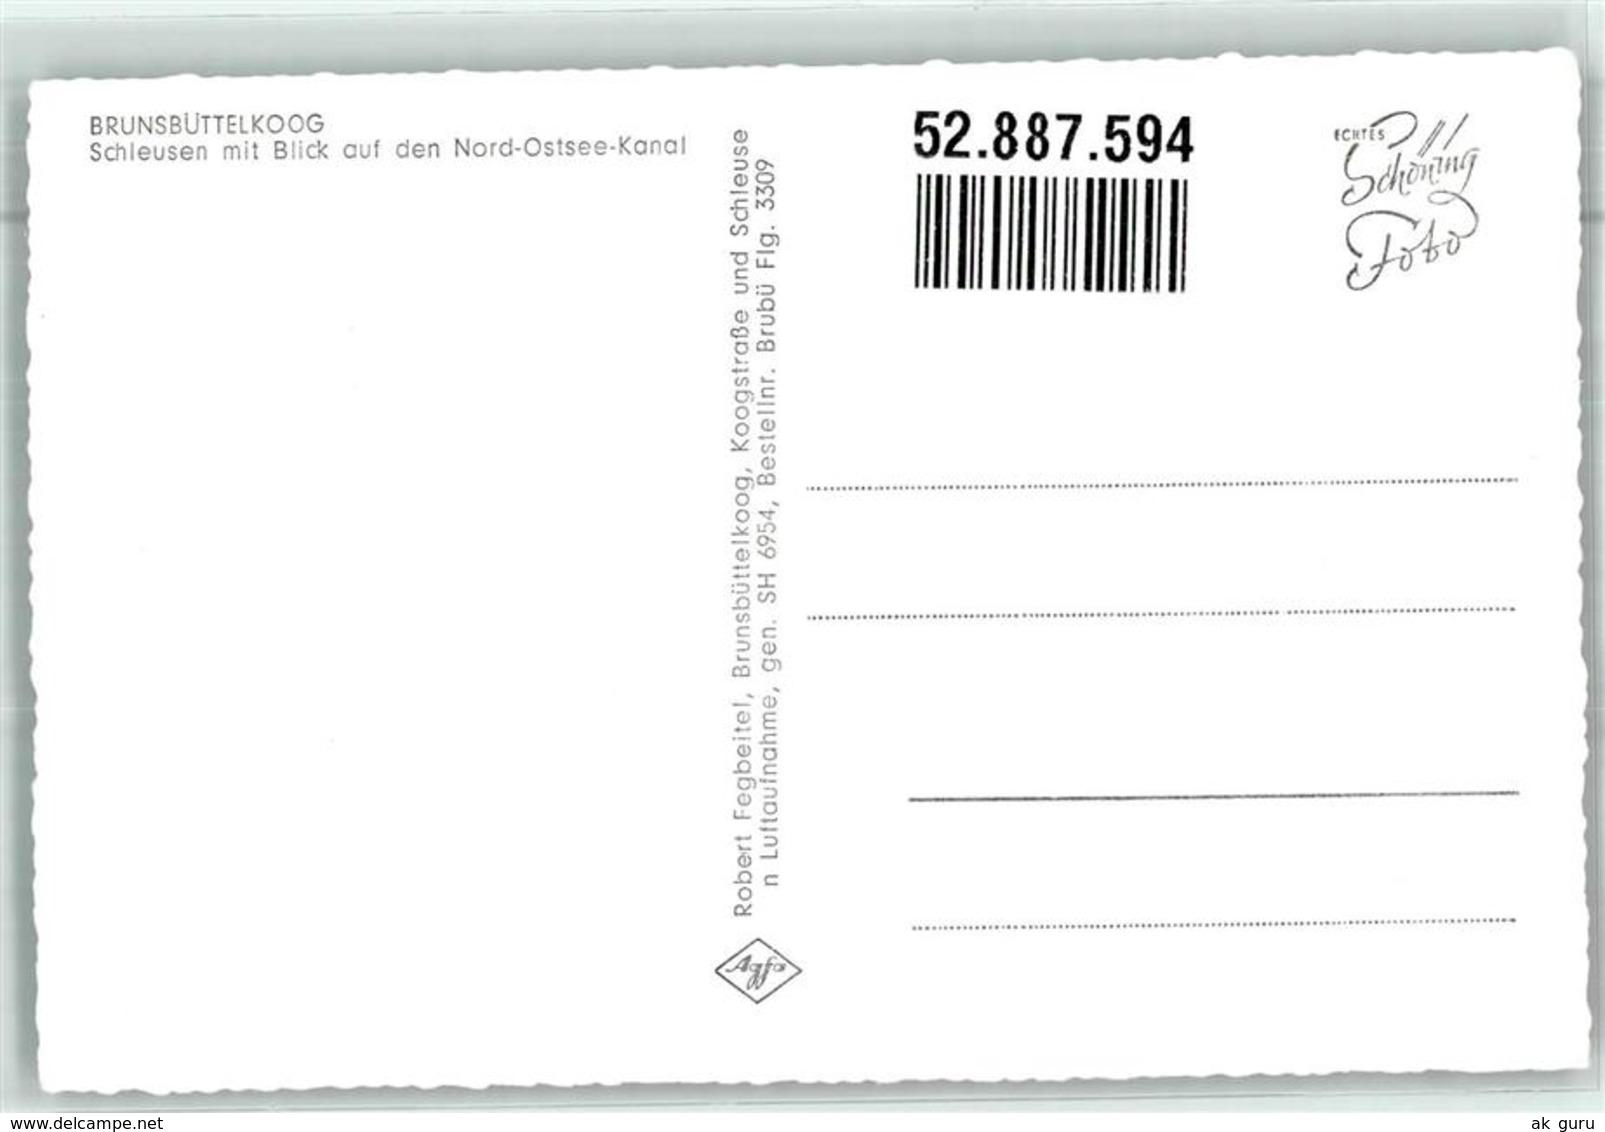 52887594 - Brunsbuettelkoog - Brunsbuettel